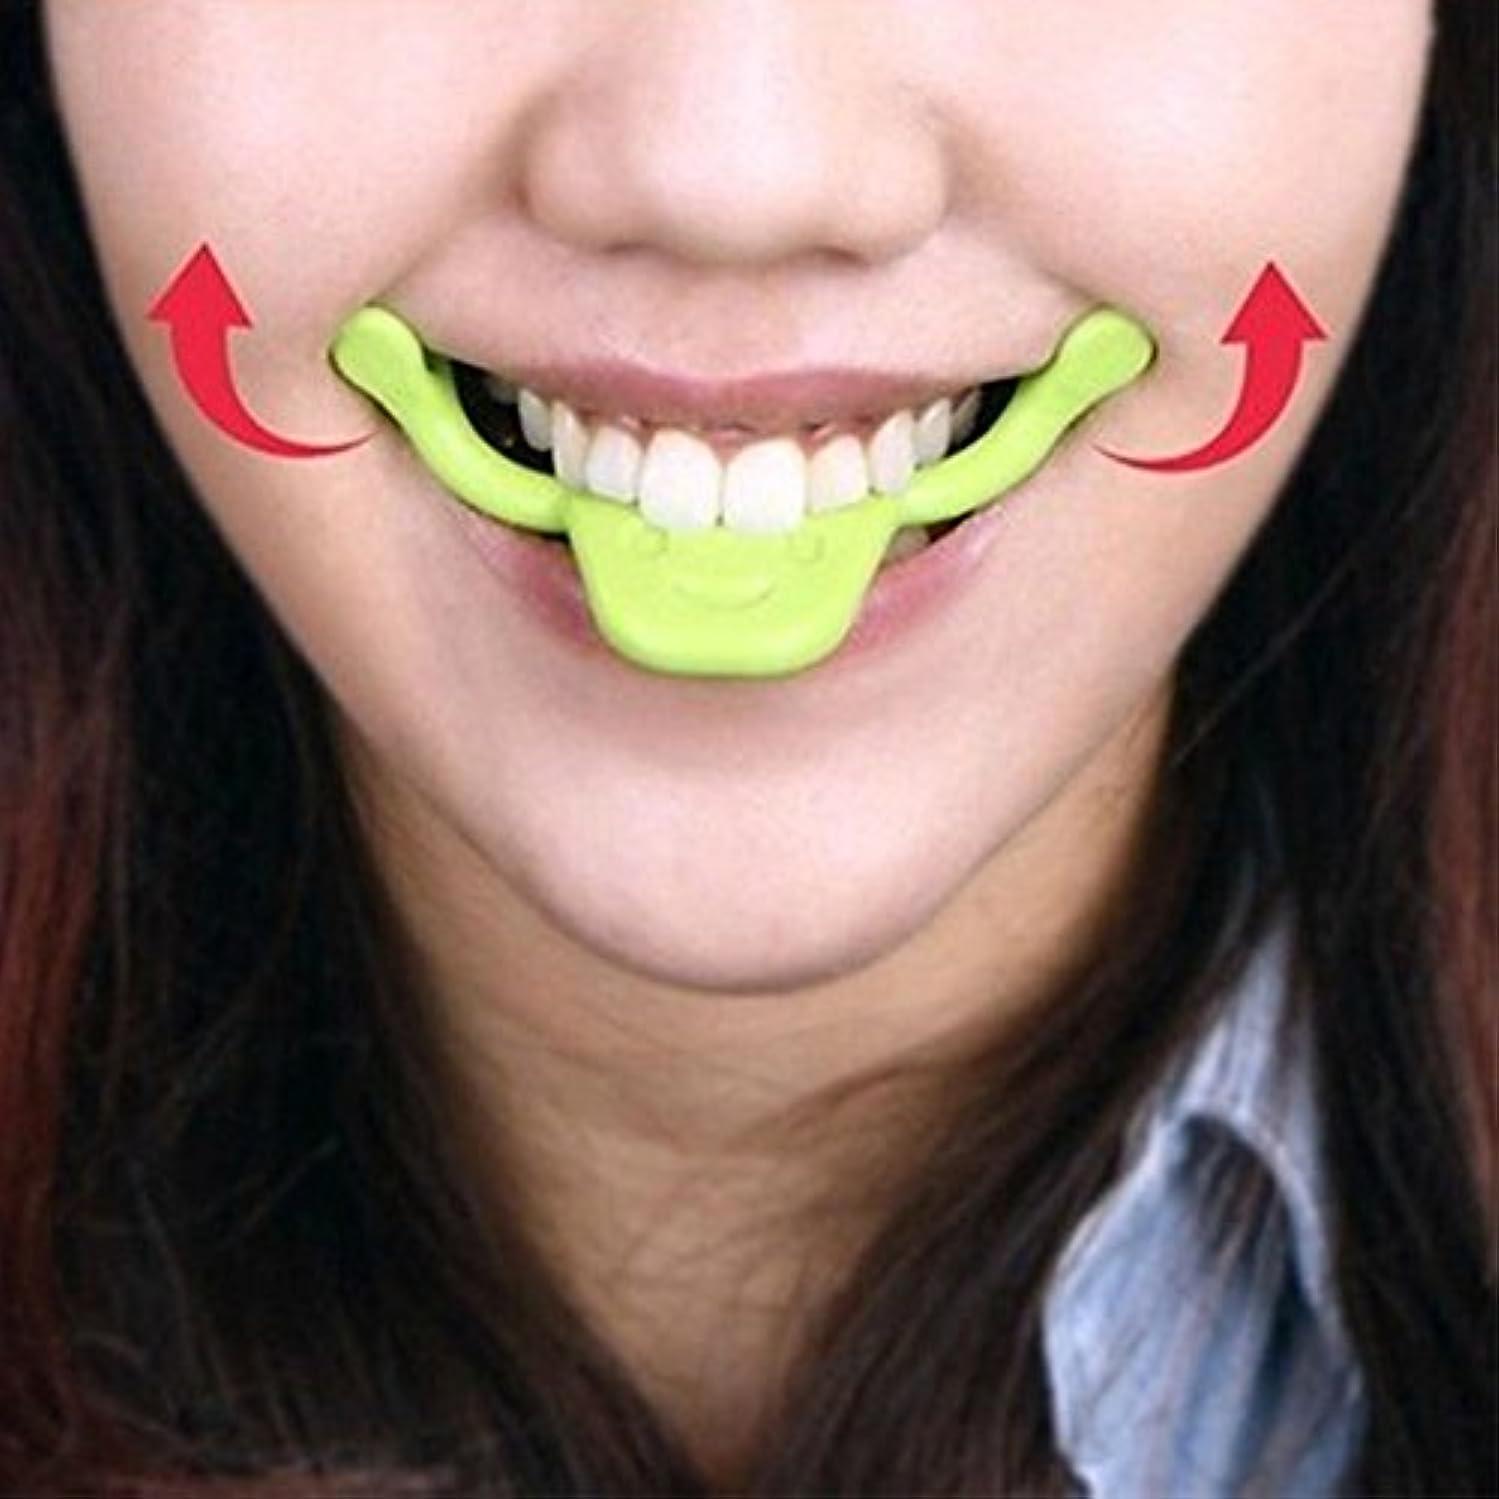 コントロール押すヨーグルトRaiFu スマイル矯正器 リフトアップ マウスピース 小顔サポート フェイススリマー 表情筋トレーニング 健康グッズ 笑顔 メーカー ビューティーケア